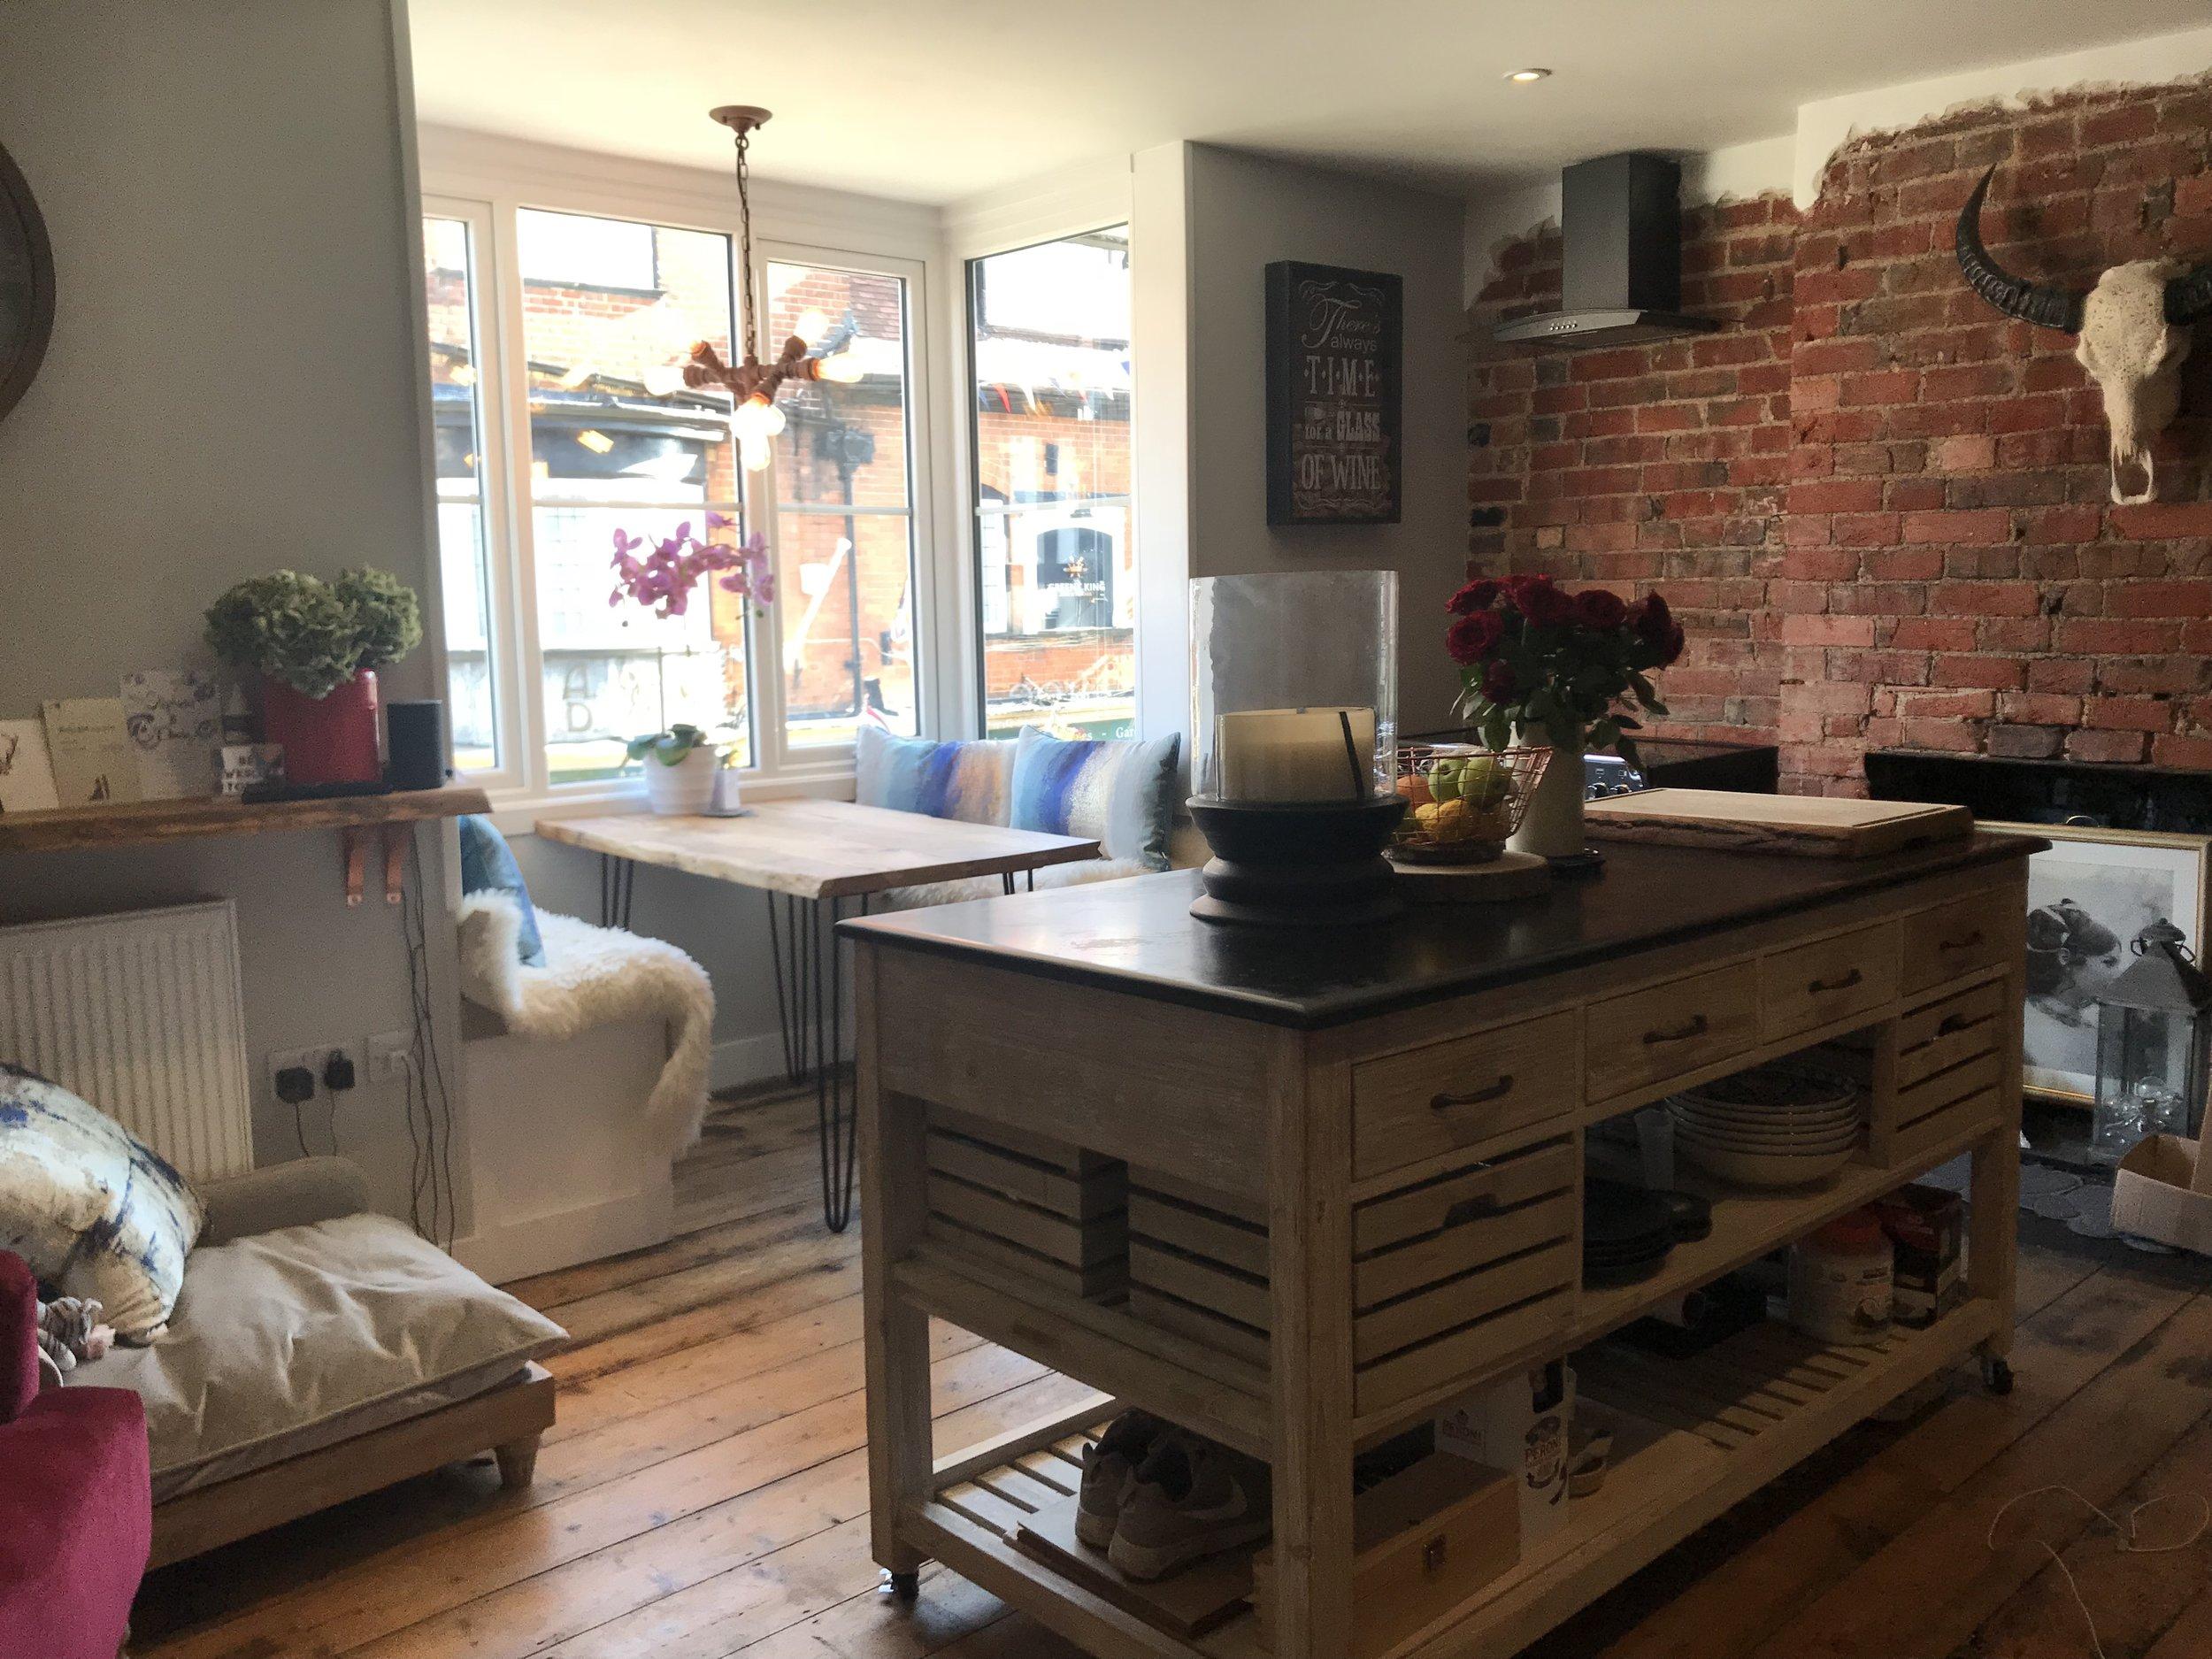 Burrow & Hide Interior Design - Kitchen.JPG